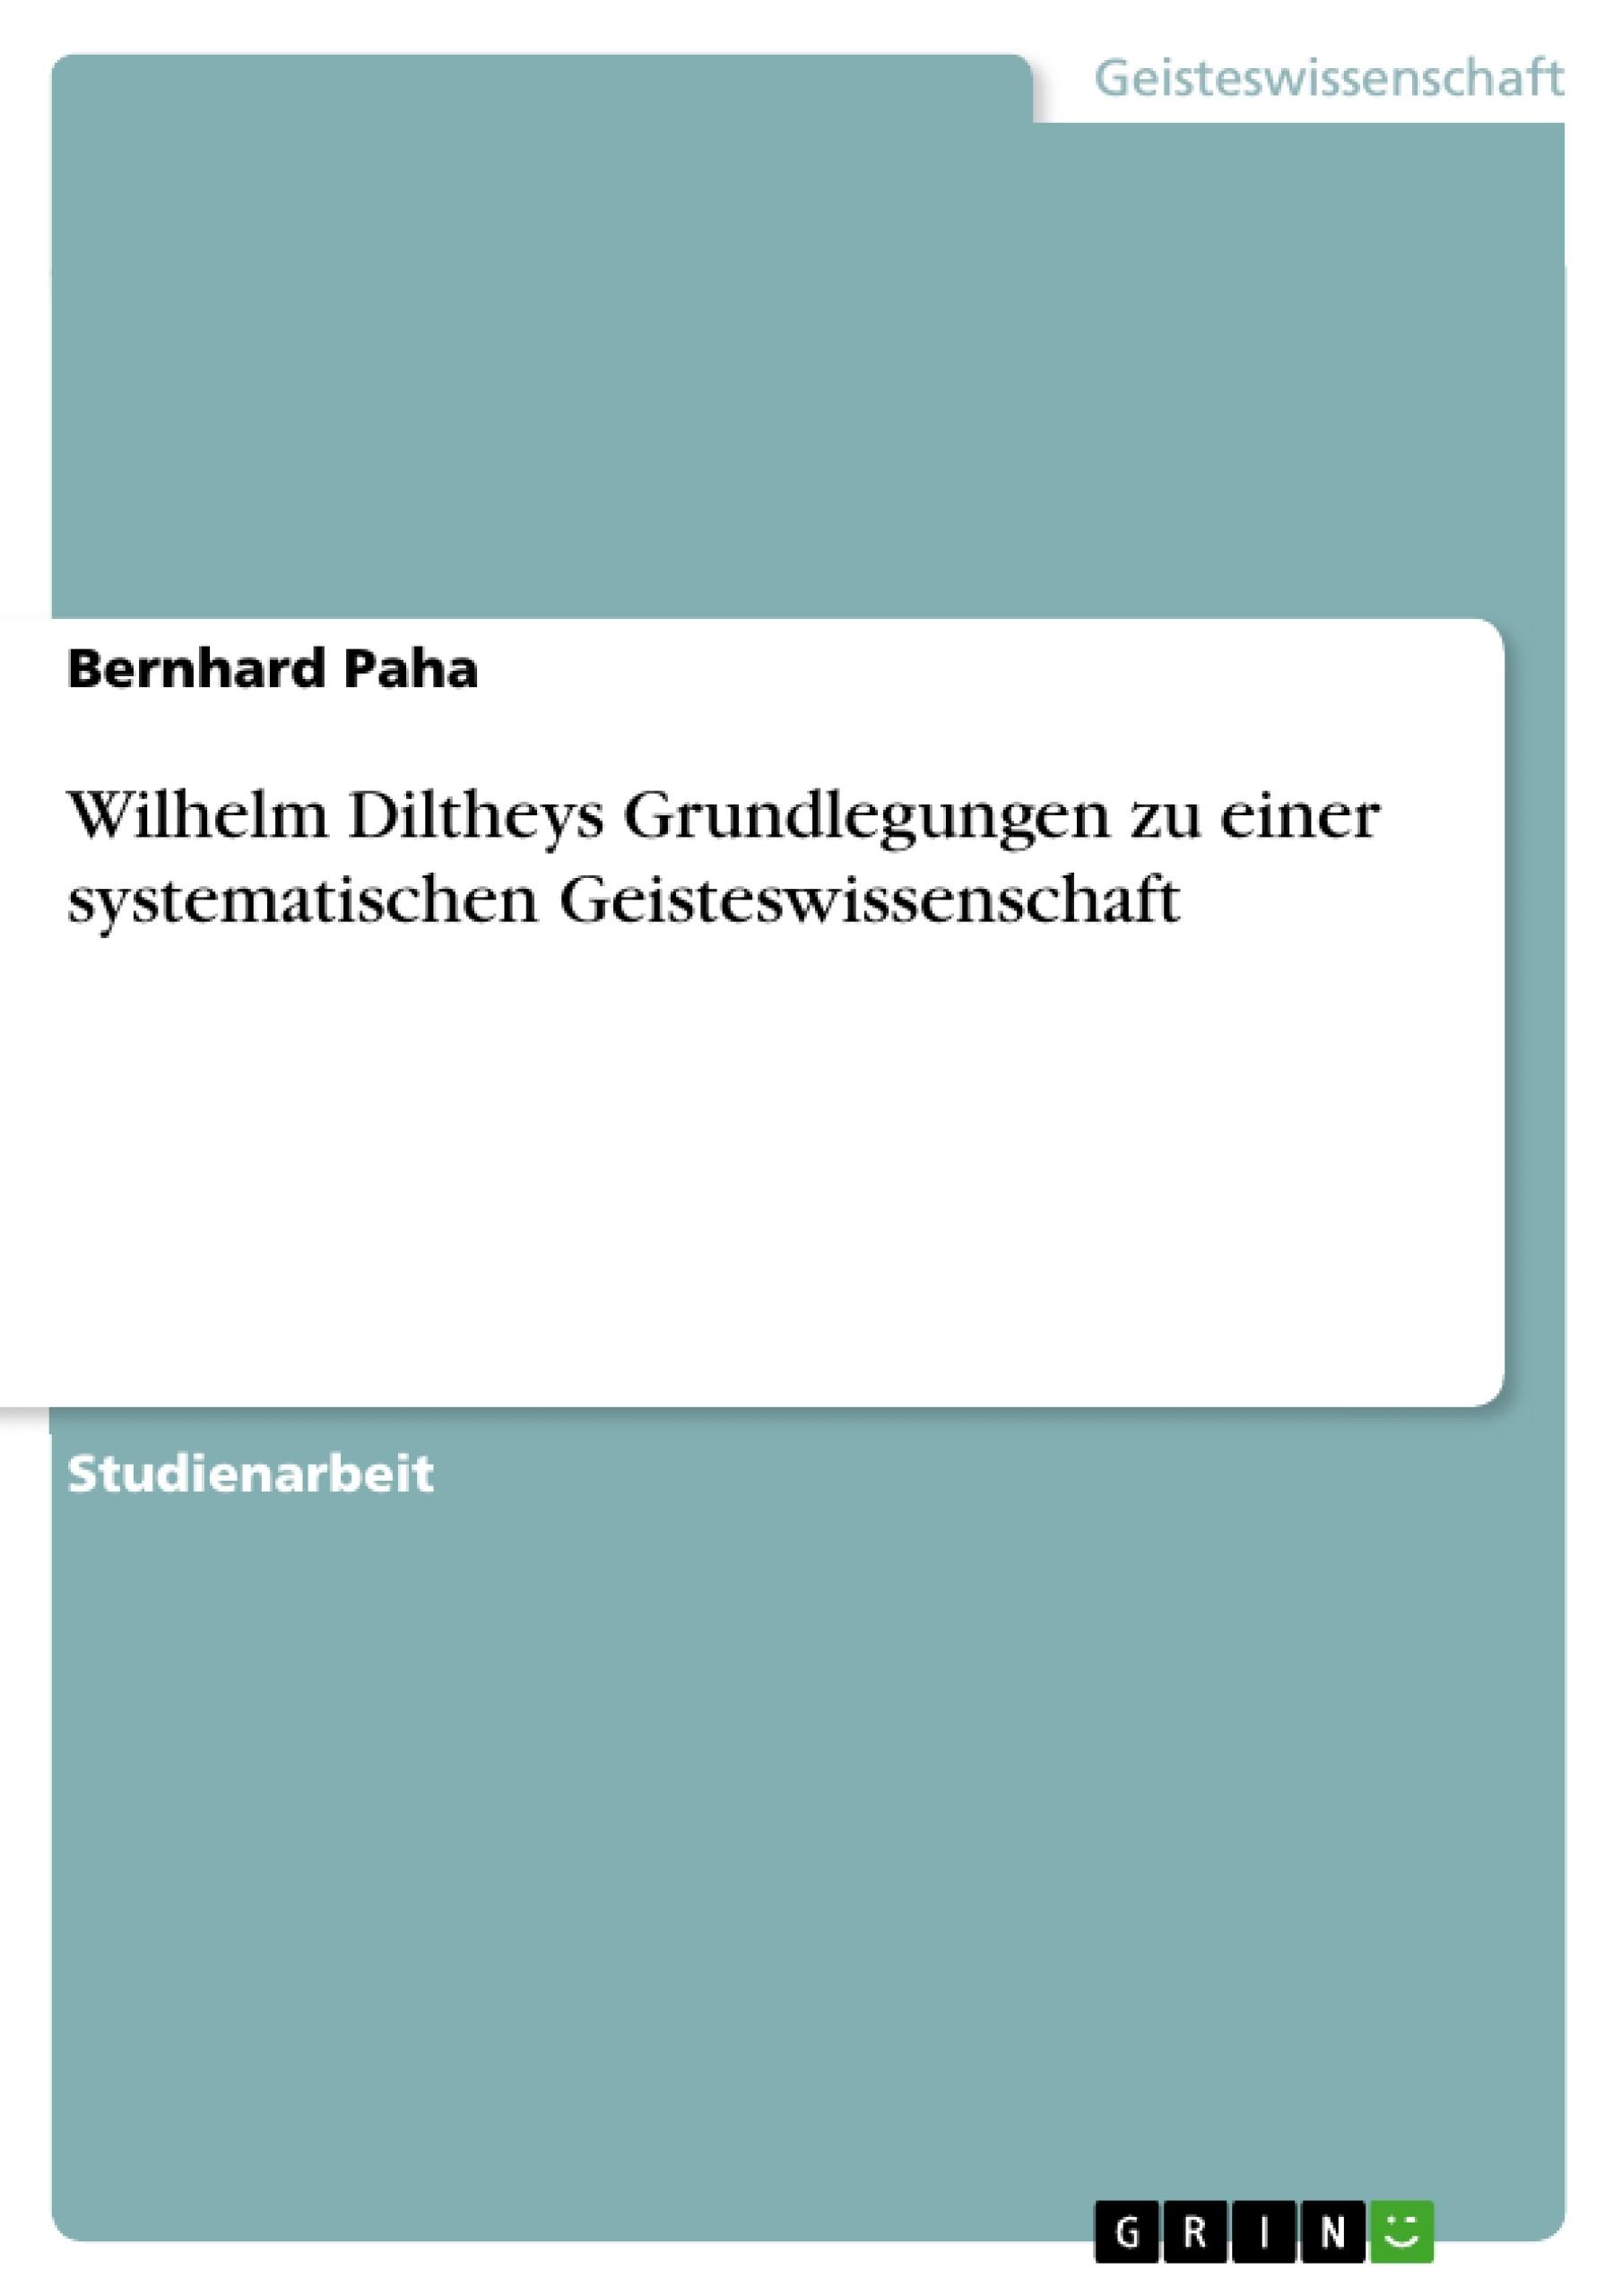 Titel: Wilhelm Diltheys Grundlegungen zu einer systematischen Geisteswissenschaft